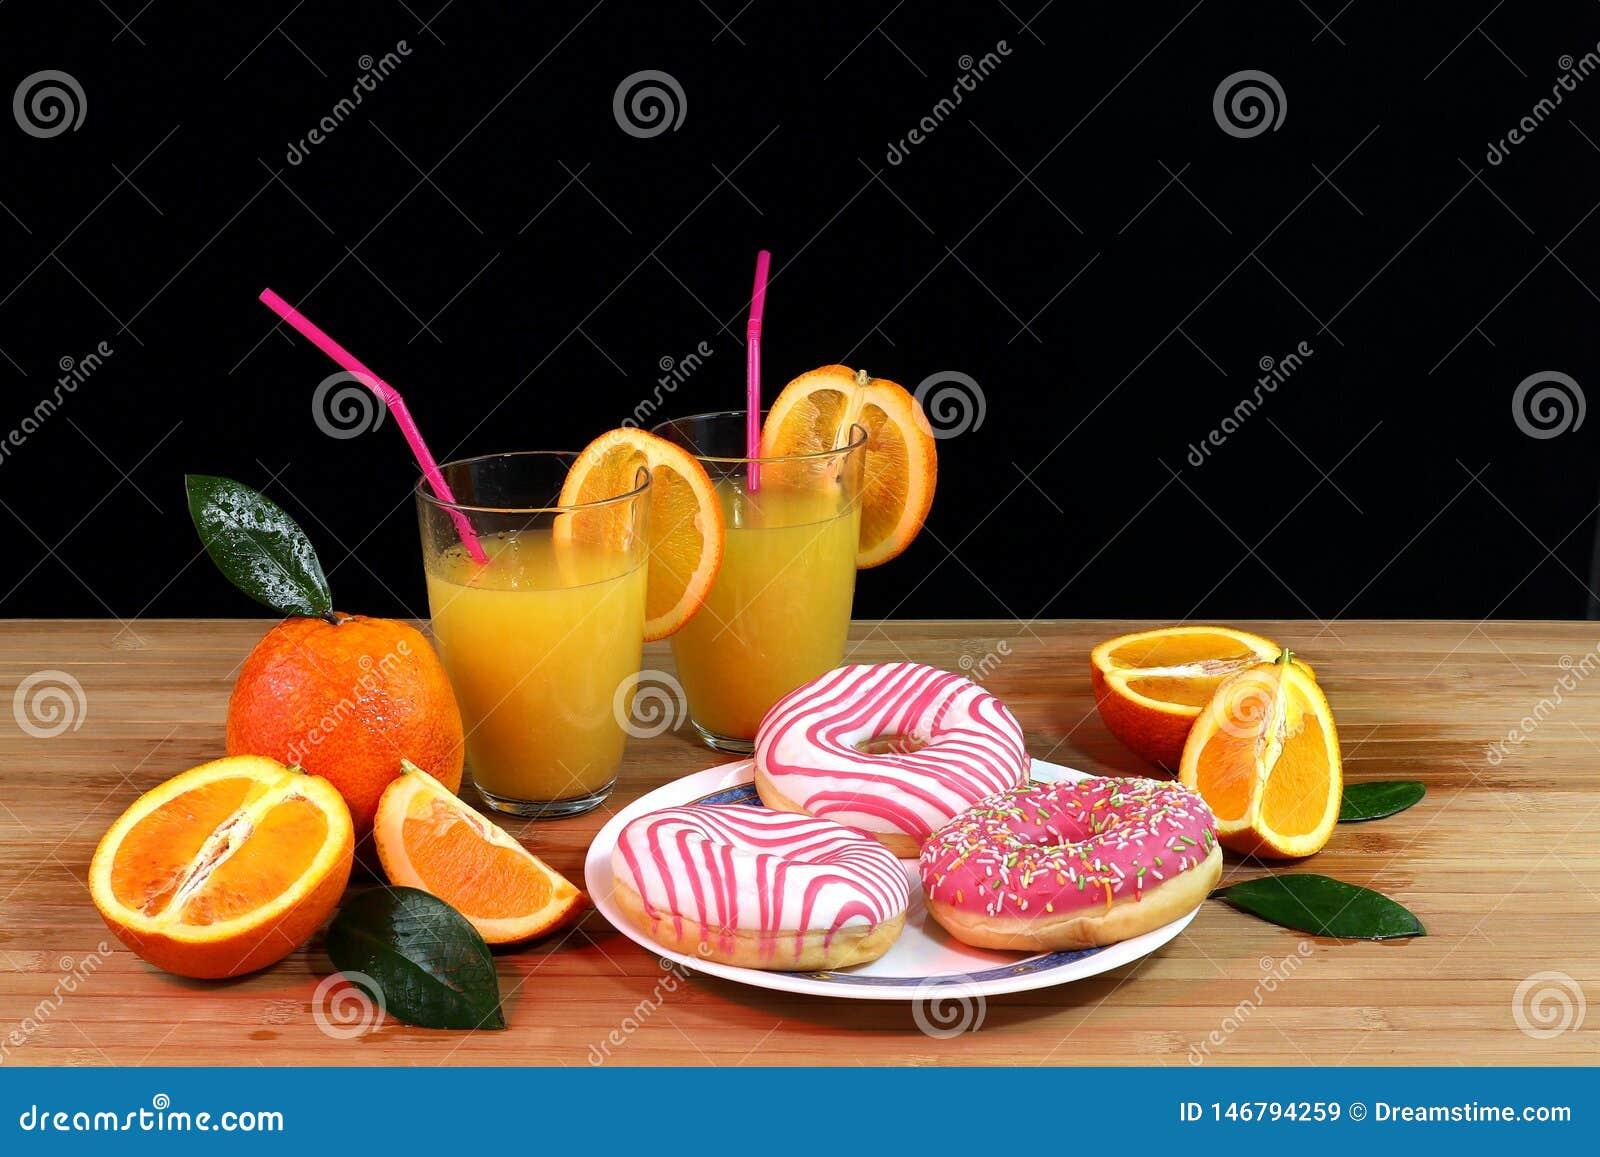 Σύνθεση με τα εσπεριδοειδή και το χυμό από πορτοκάλι